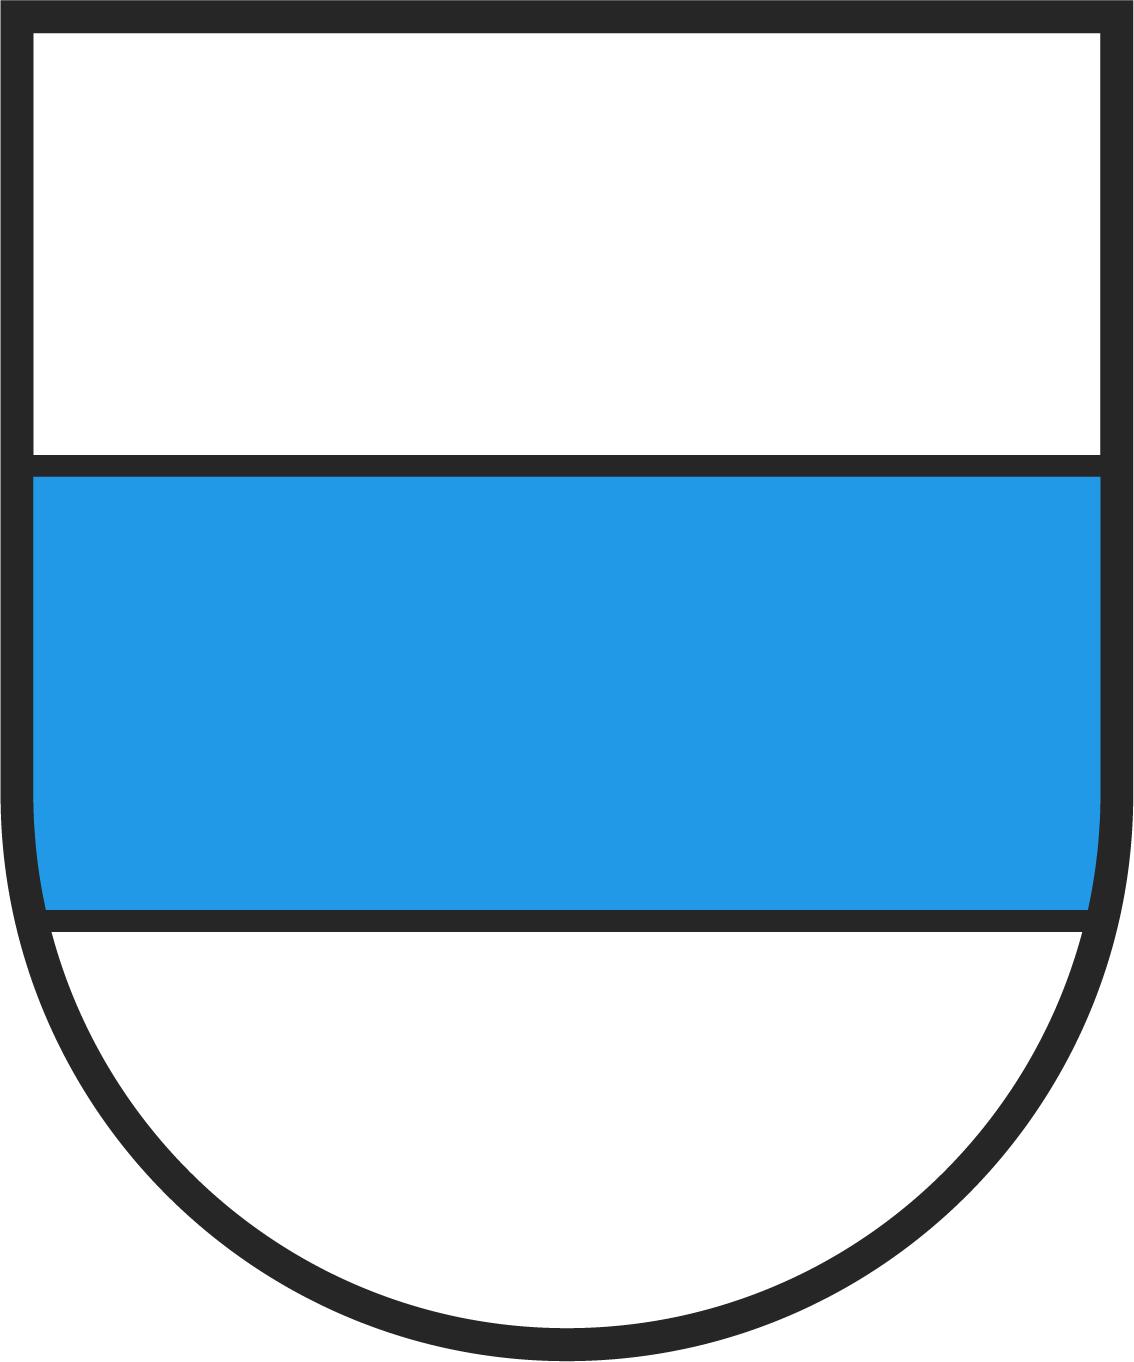 Wappen des Kantons Zug